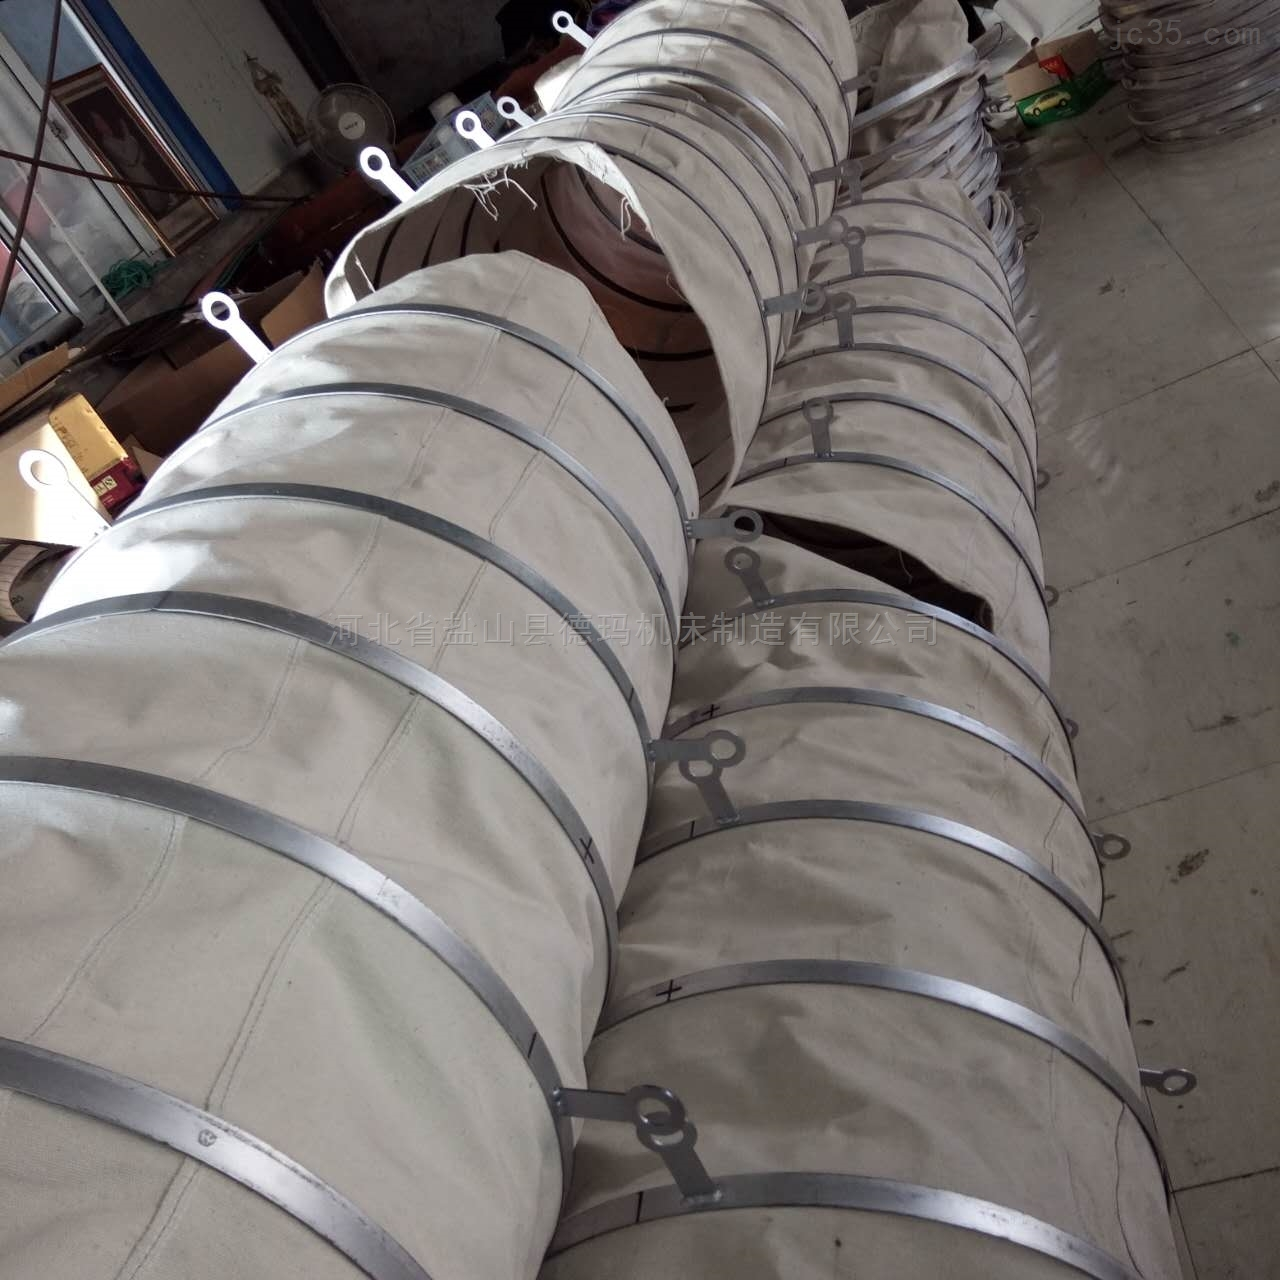 自定-橡胶布风机口软连接生产厂家